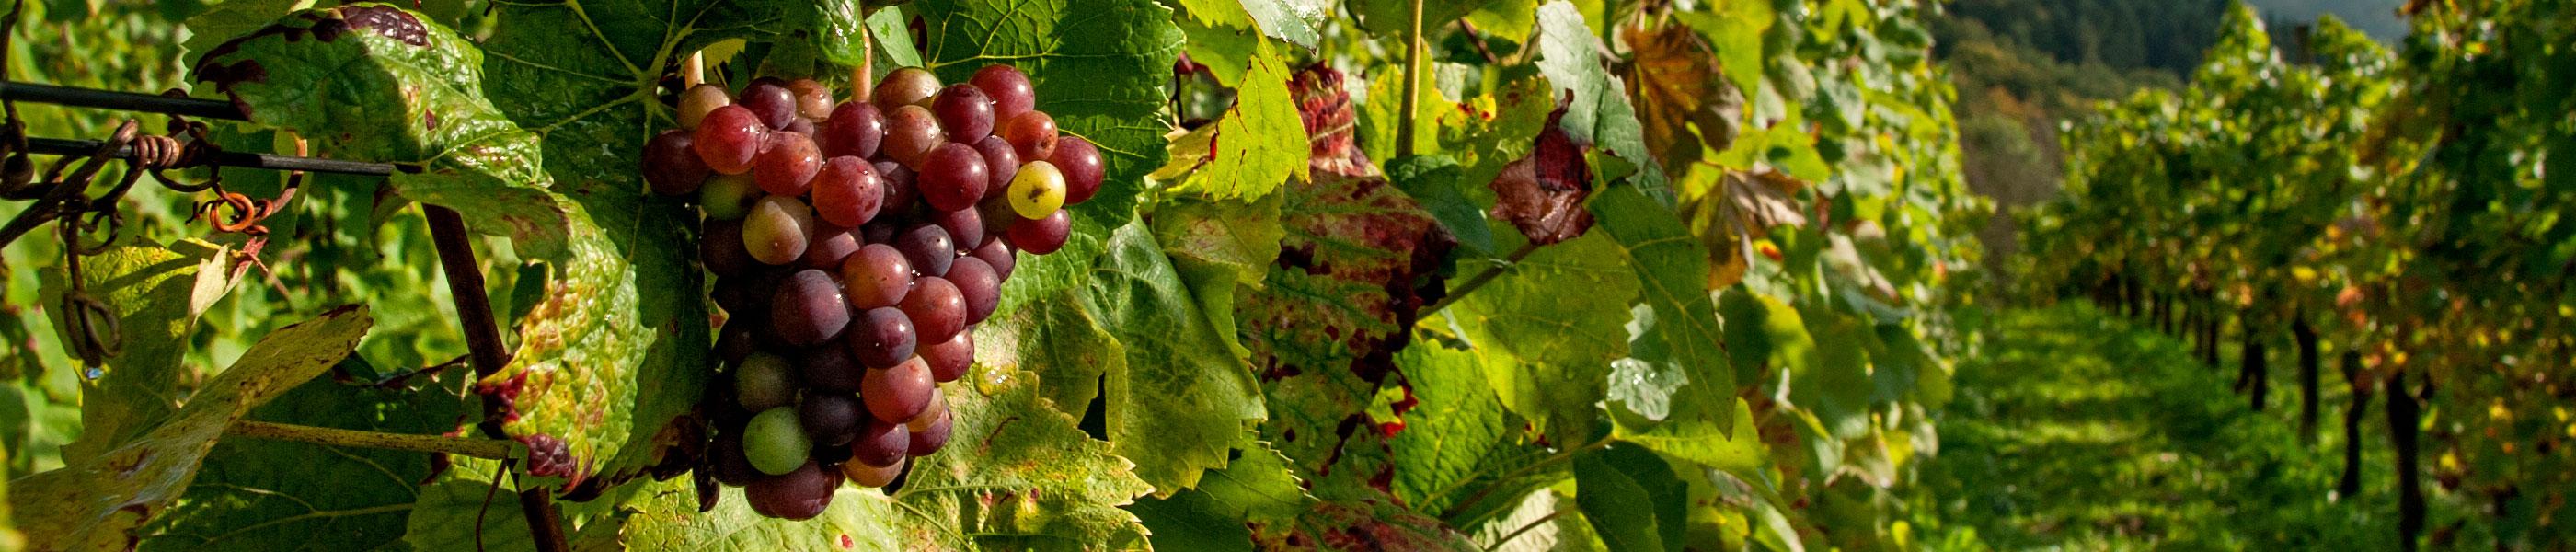 Venta de vinos ecológicos en Santa Cecilia